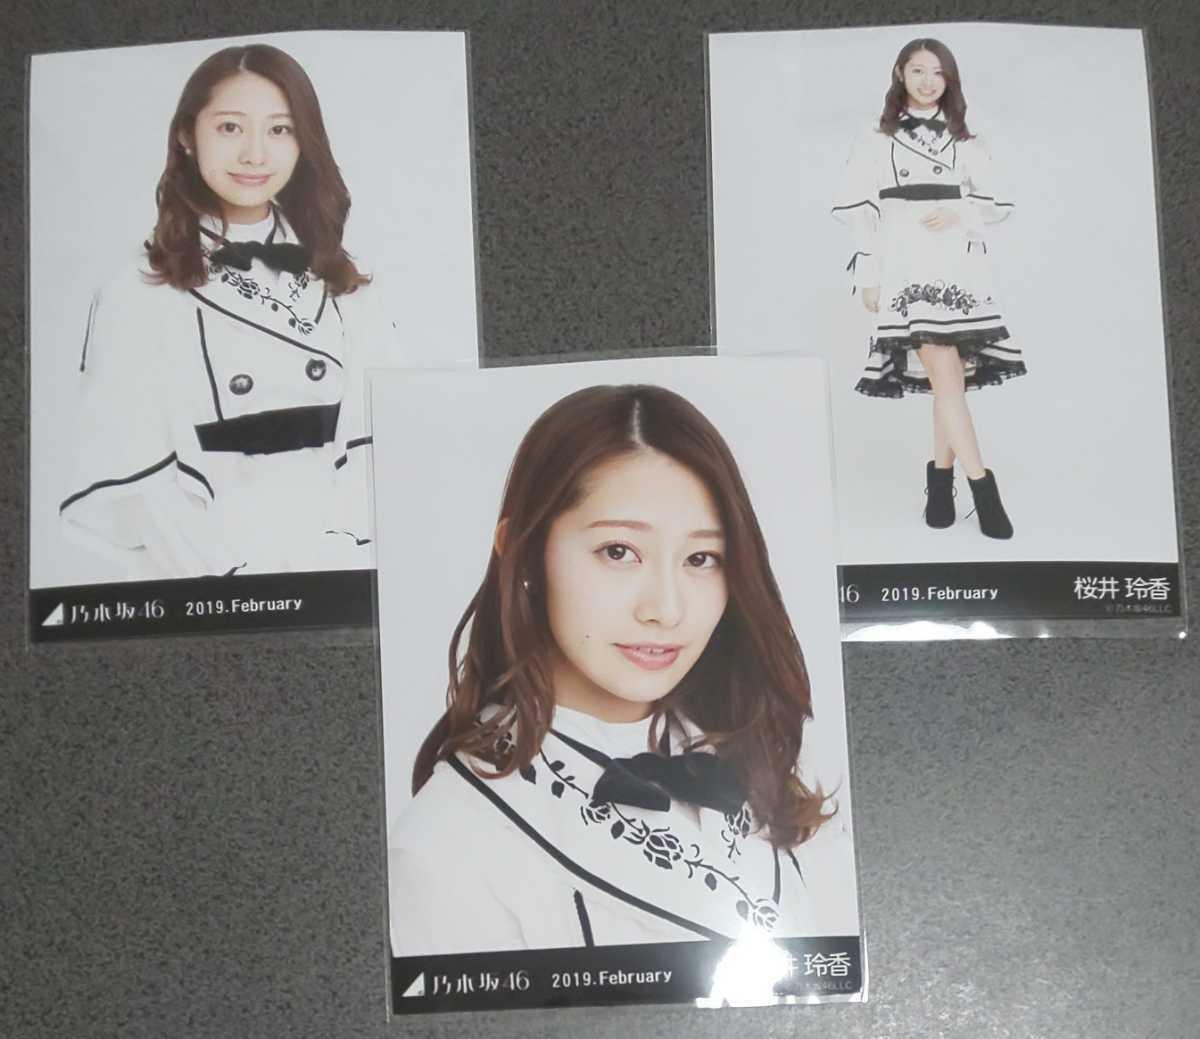 乃木坂46 桜井玲香 スペシャル衣装15 生写真 3種 2019.February コンプ